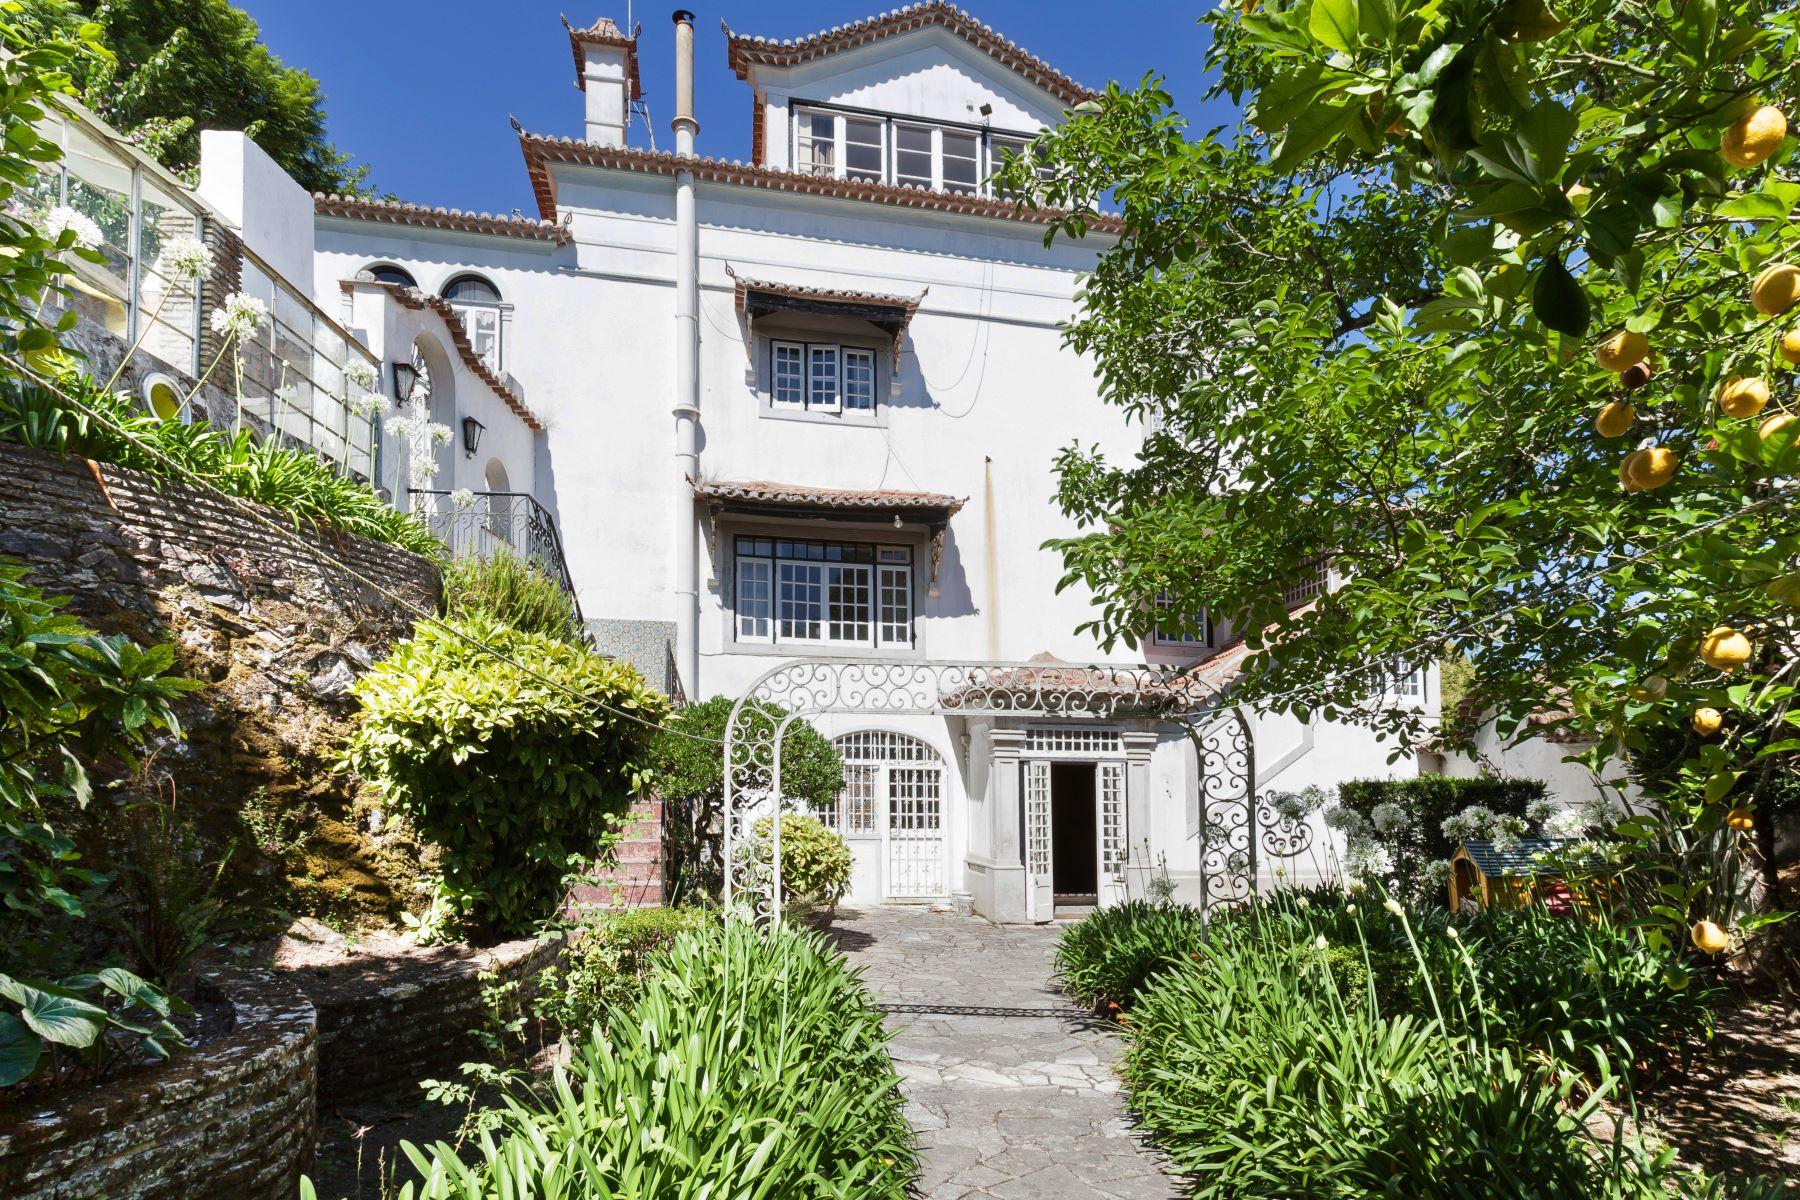 农场 / 牧场 / 种植园 为 销售 在 Small Farm, 8 bedrooms, for Sale 辛特拉, 里斯本 葡萄牙